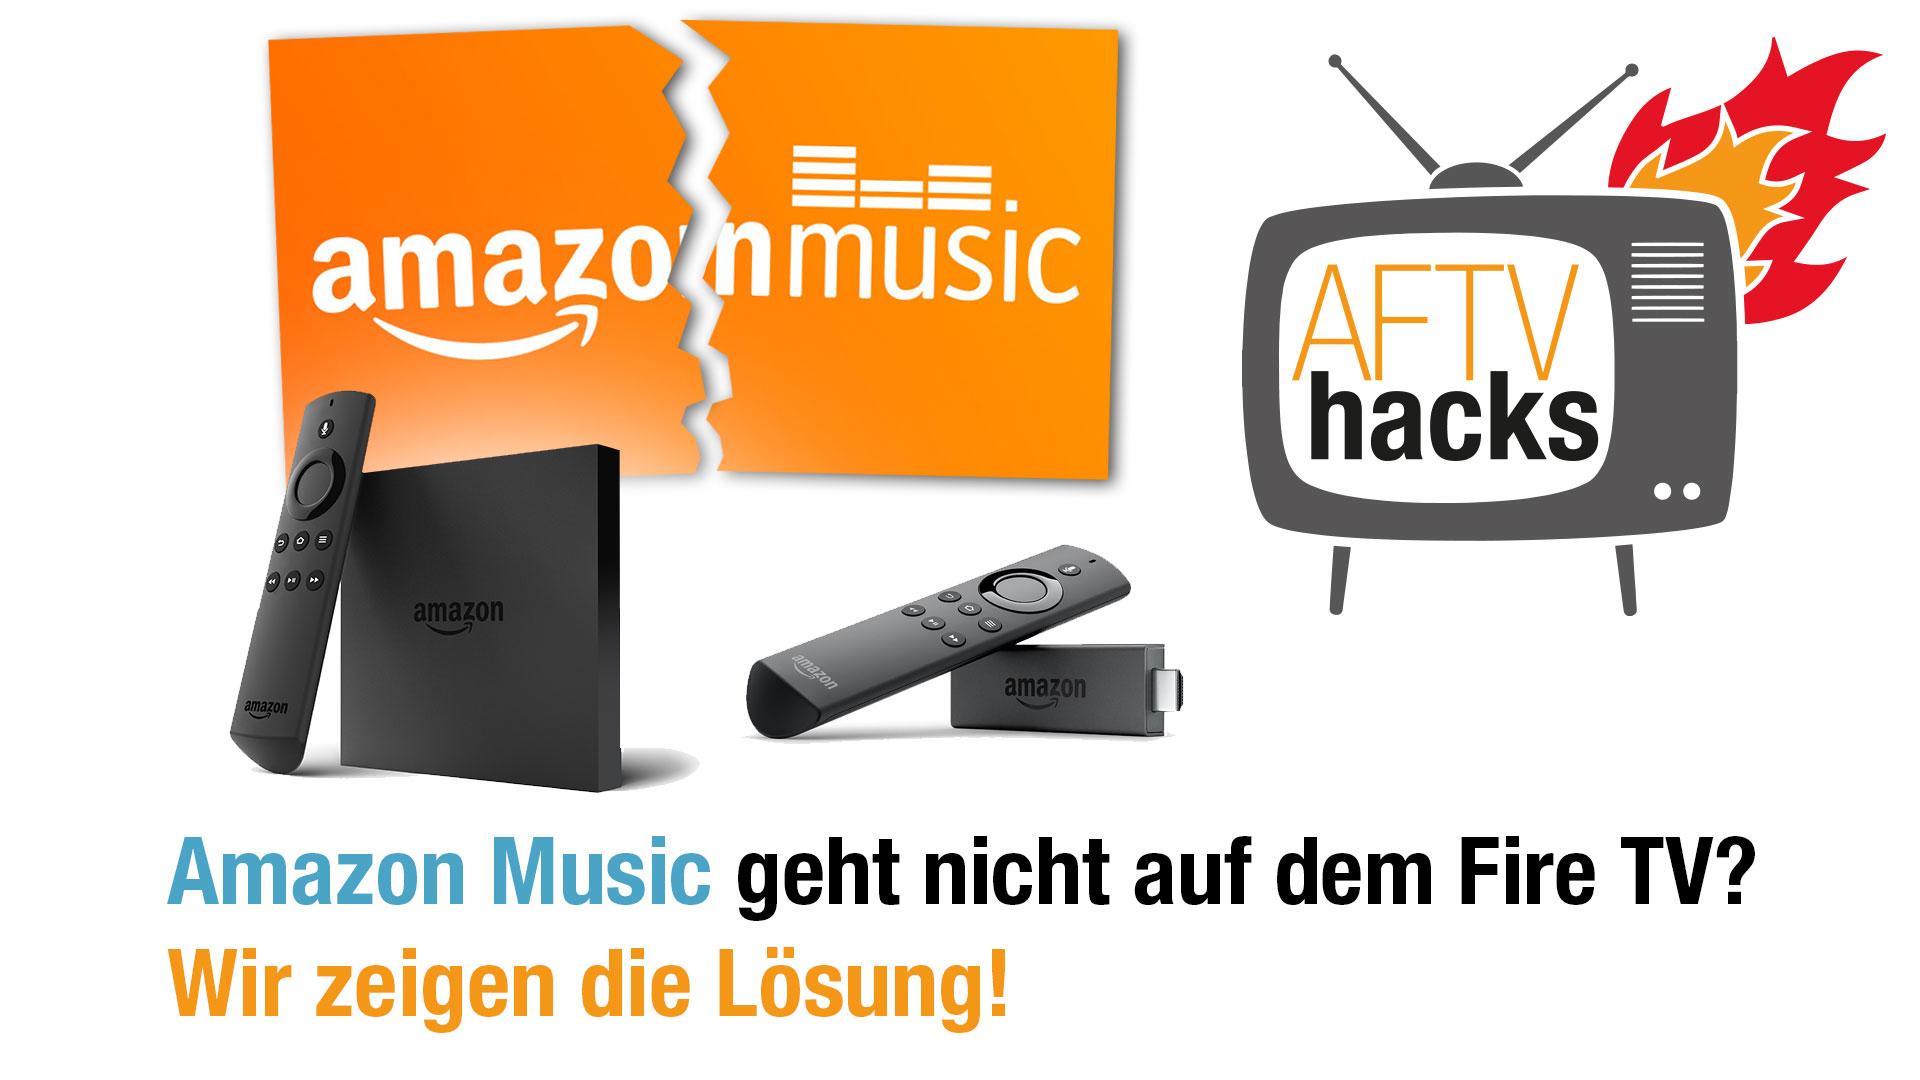 Amazon (Prime) Music auf Eurem Fire TV geht nicht? Hier ist die Lösung!